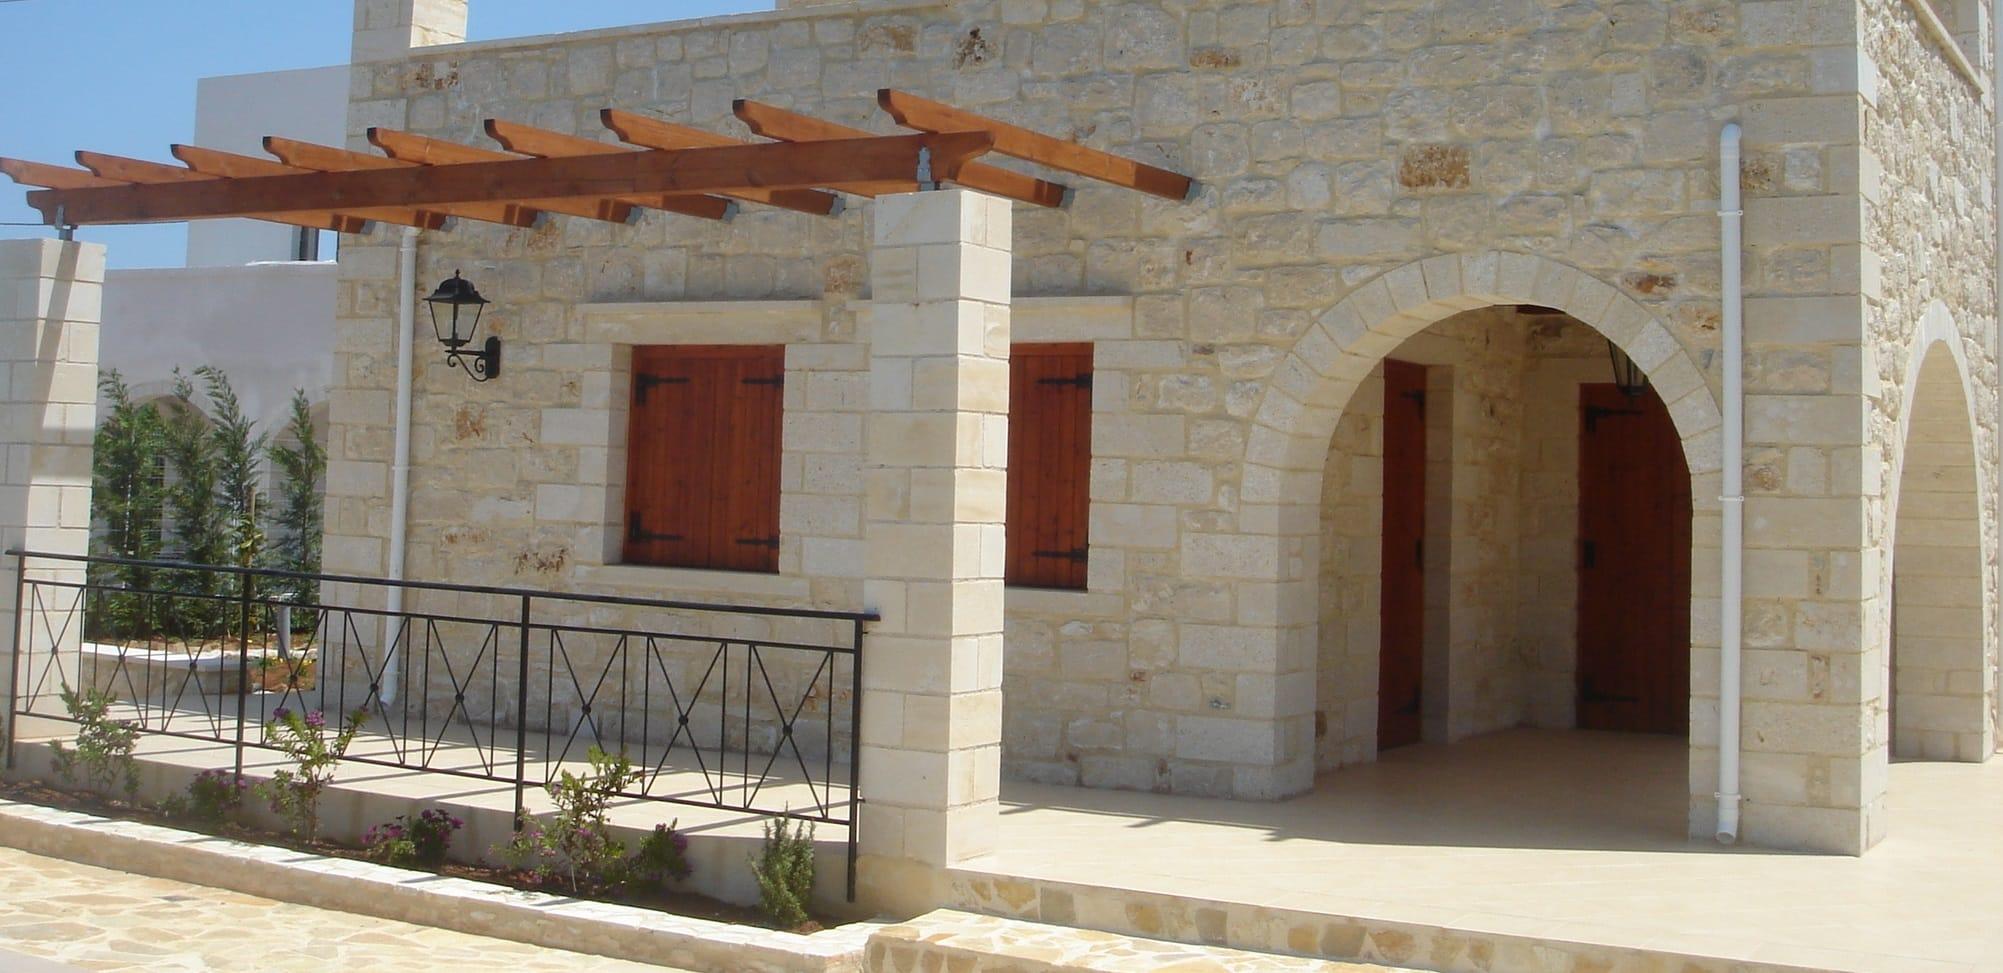 Quanto costa una casa in cemento armato amazing il progetto di una casa per legge deve essere e - Quanto costa una casa prefabbricata in cemento armato ...